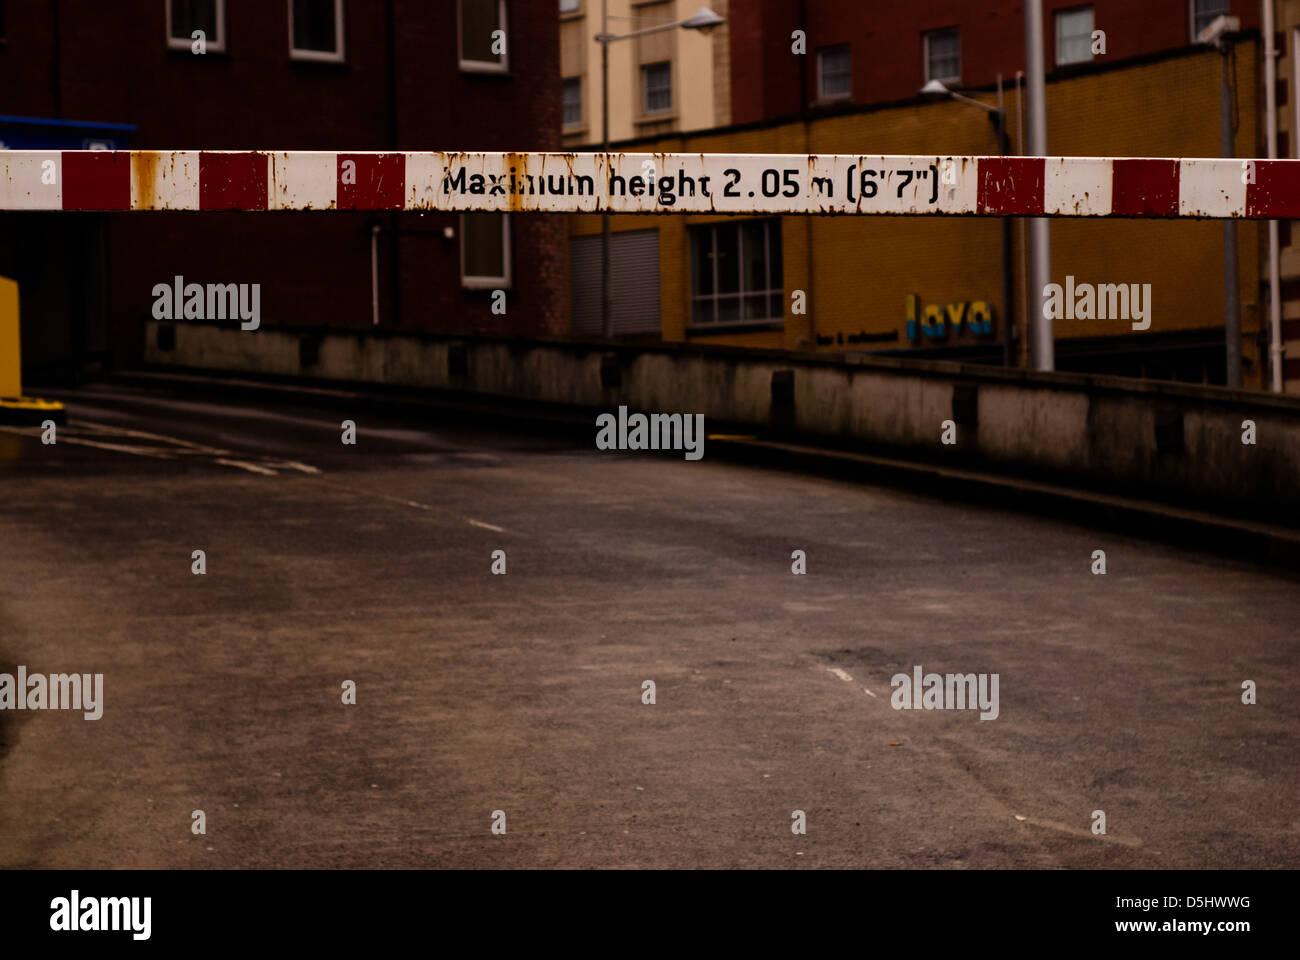 Bar de la limitation de hauteur menant au parking. Photo Stock